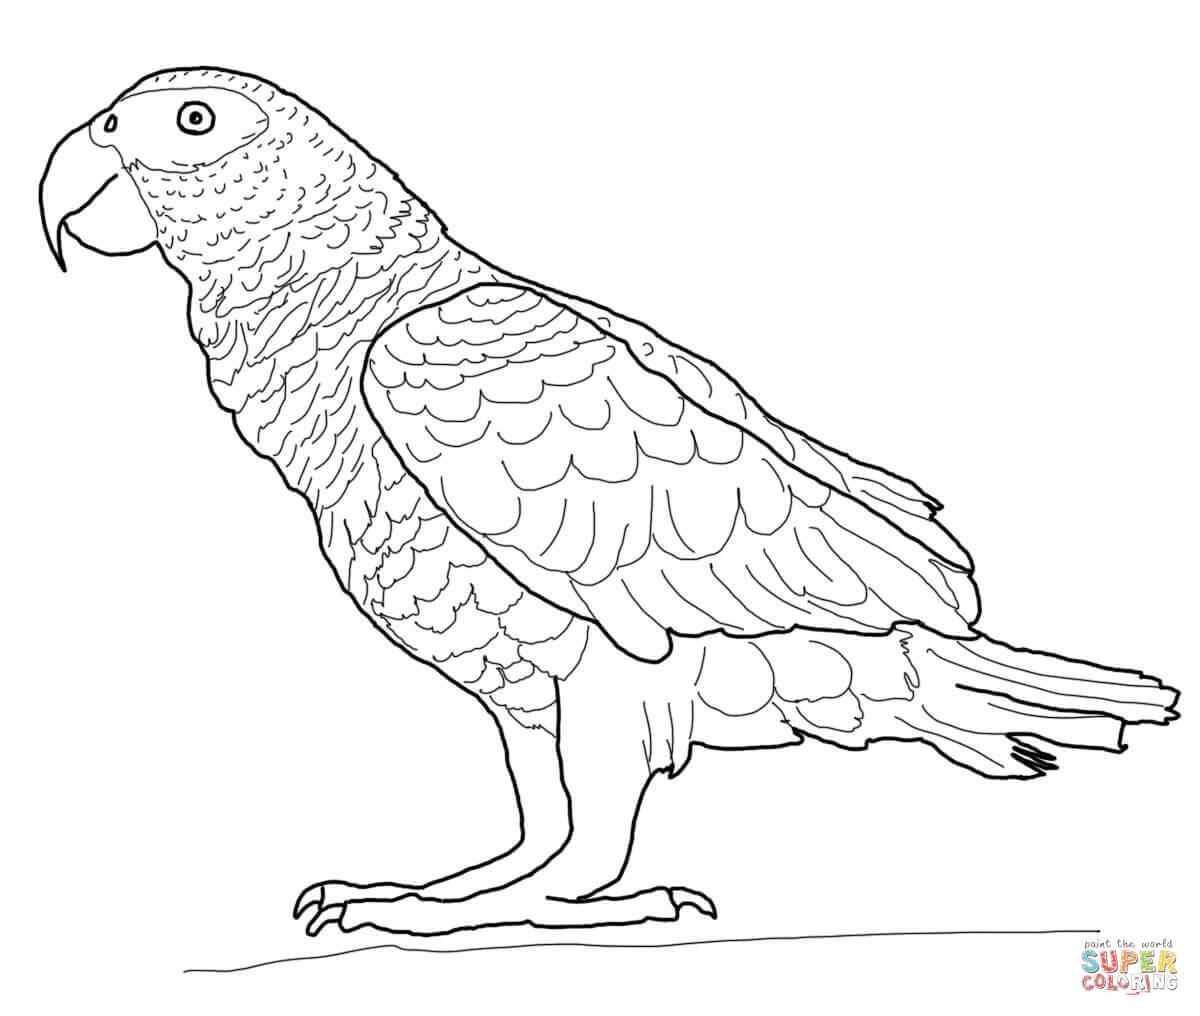 Malvorlage Papagei - kinderbilderdownload kinderbilder